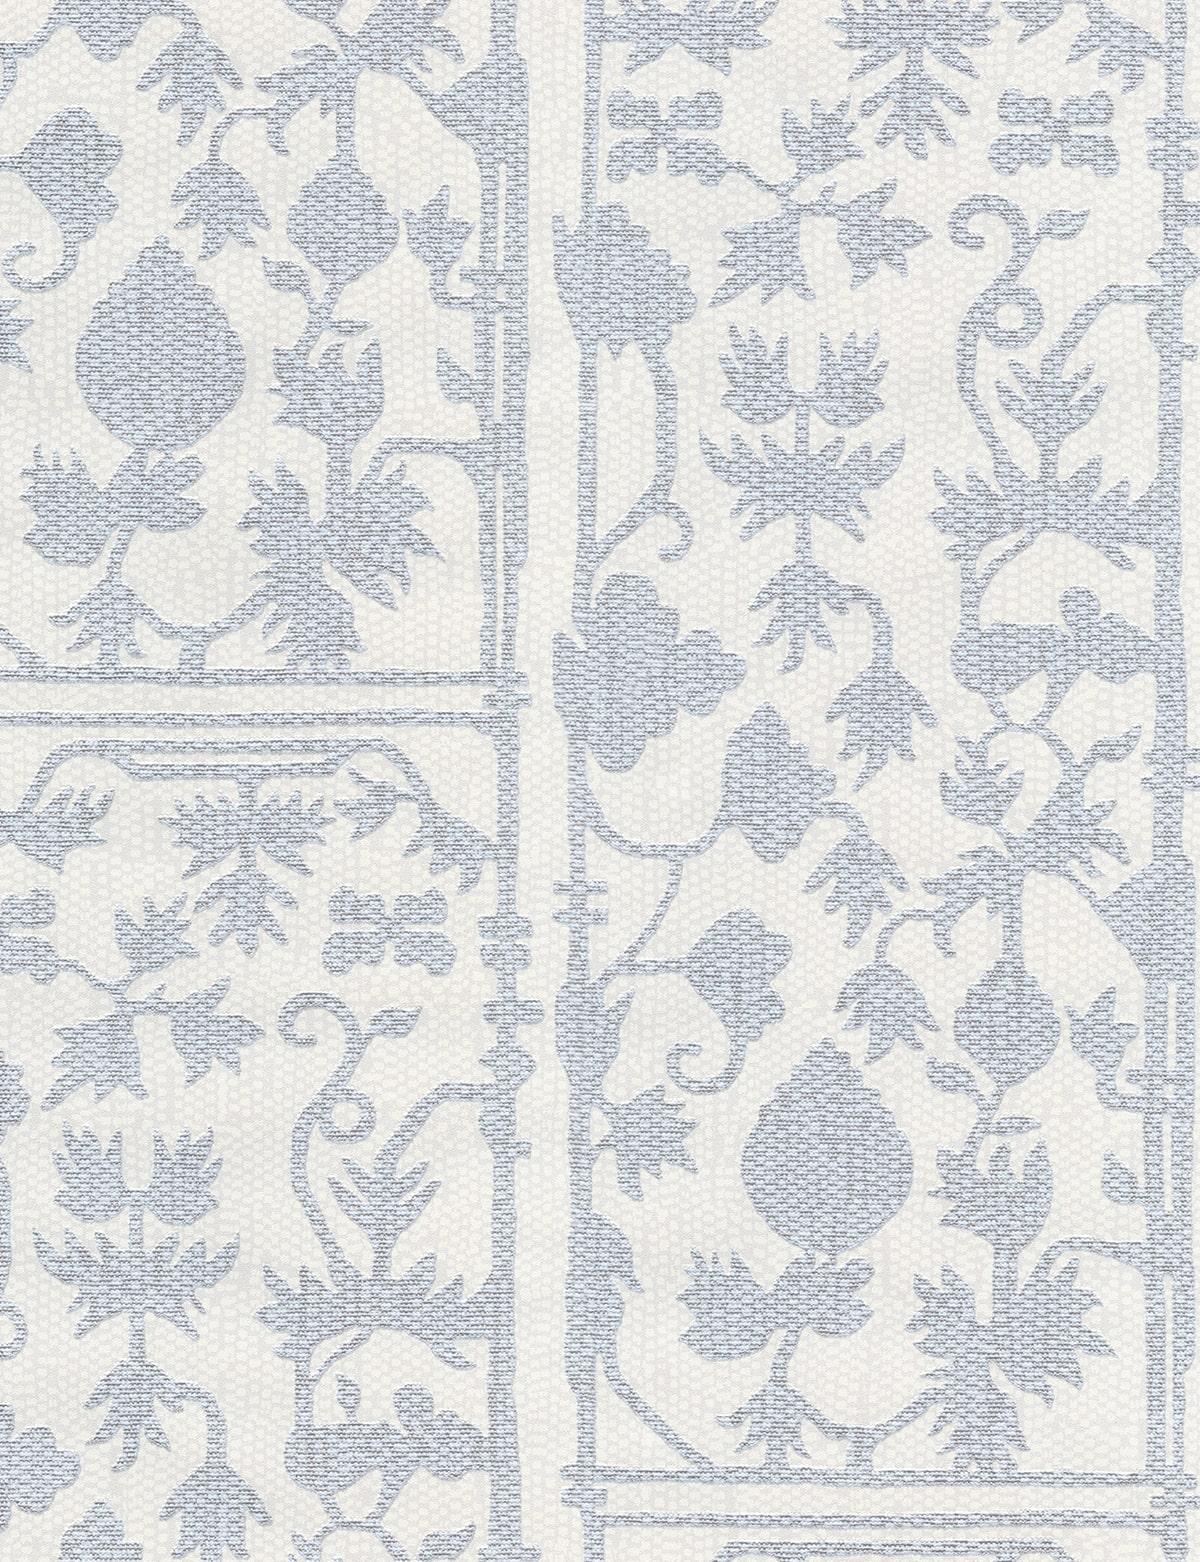 Traditional Future - Collezione 2 - Unconventional Wallpaper